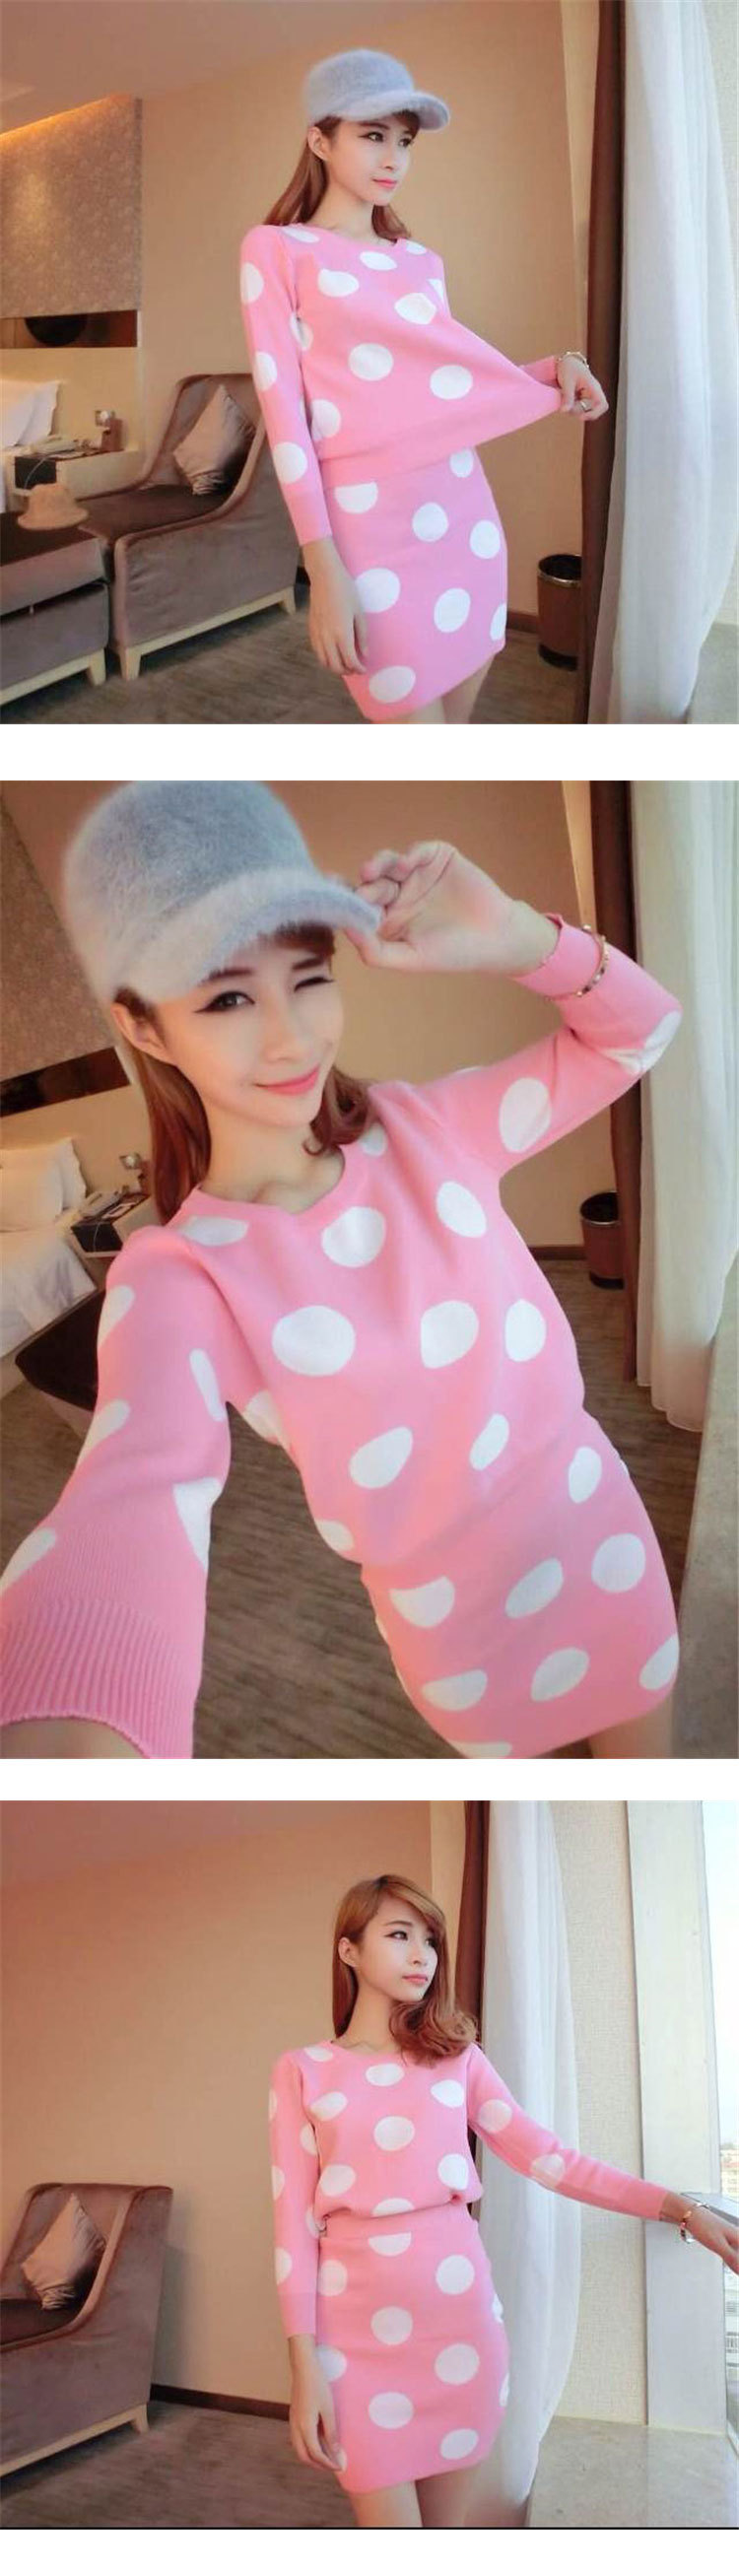 ++สินค้าพร้อมส่งค่ะ++ชุดเซ็ทเกาหลี เสื้อคอกลม แขนยาว ผ้า knit เนื้อแน่นมากทอลายจุดทั้งชุดและกระโปรงสั้นน่ารัก มี 4 สีค่ะ สีชมพู